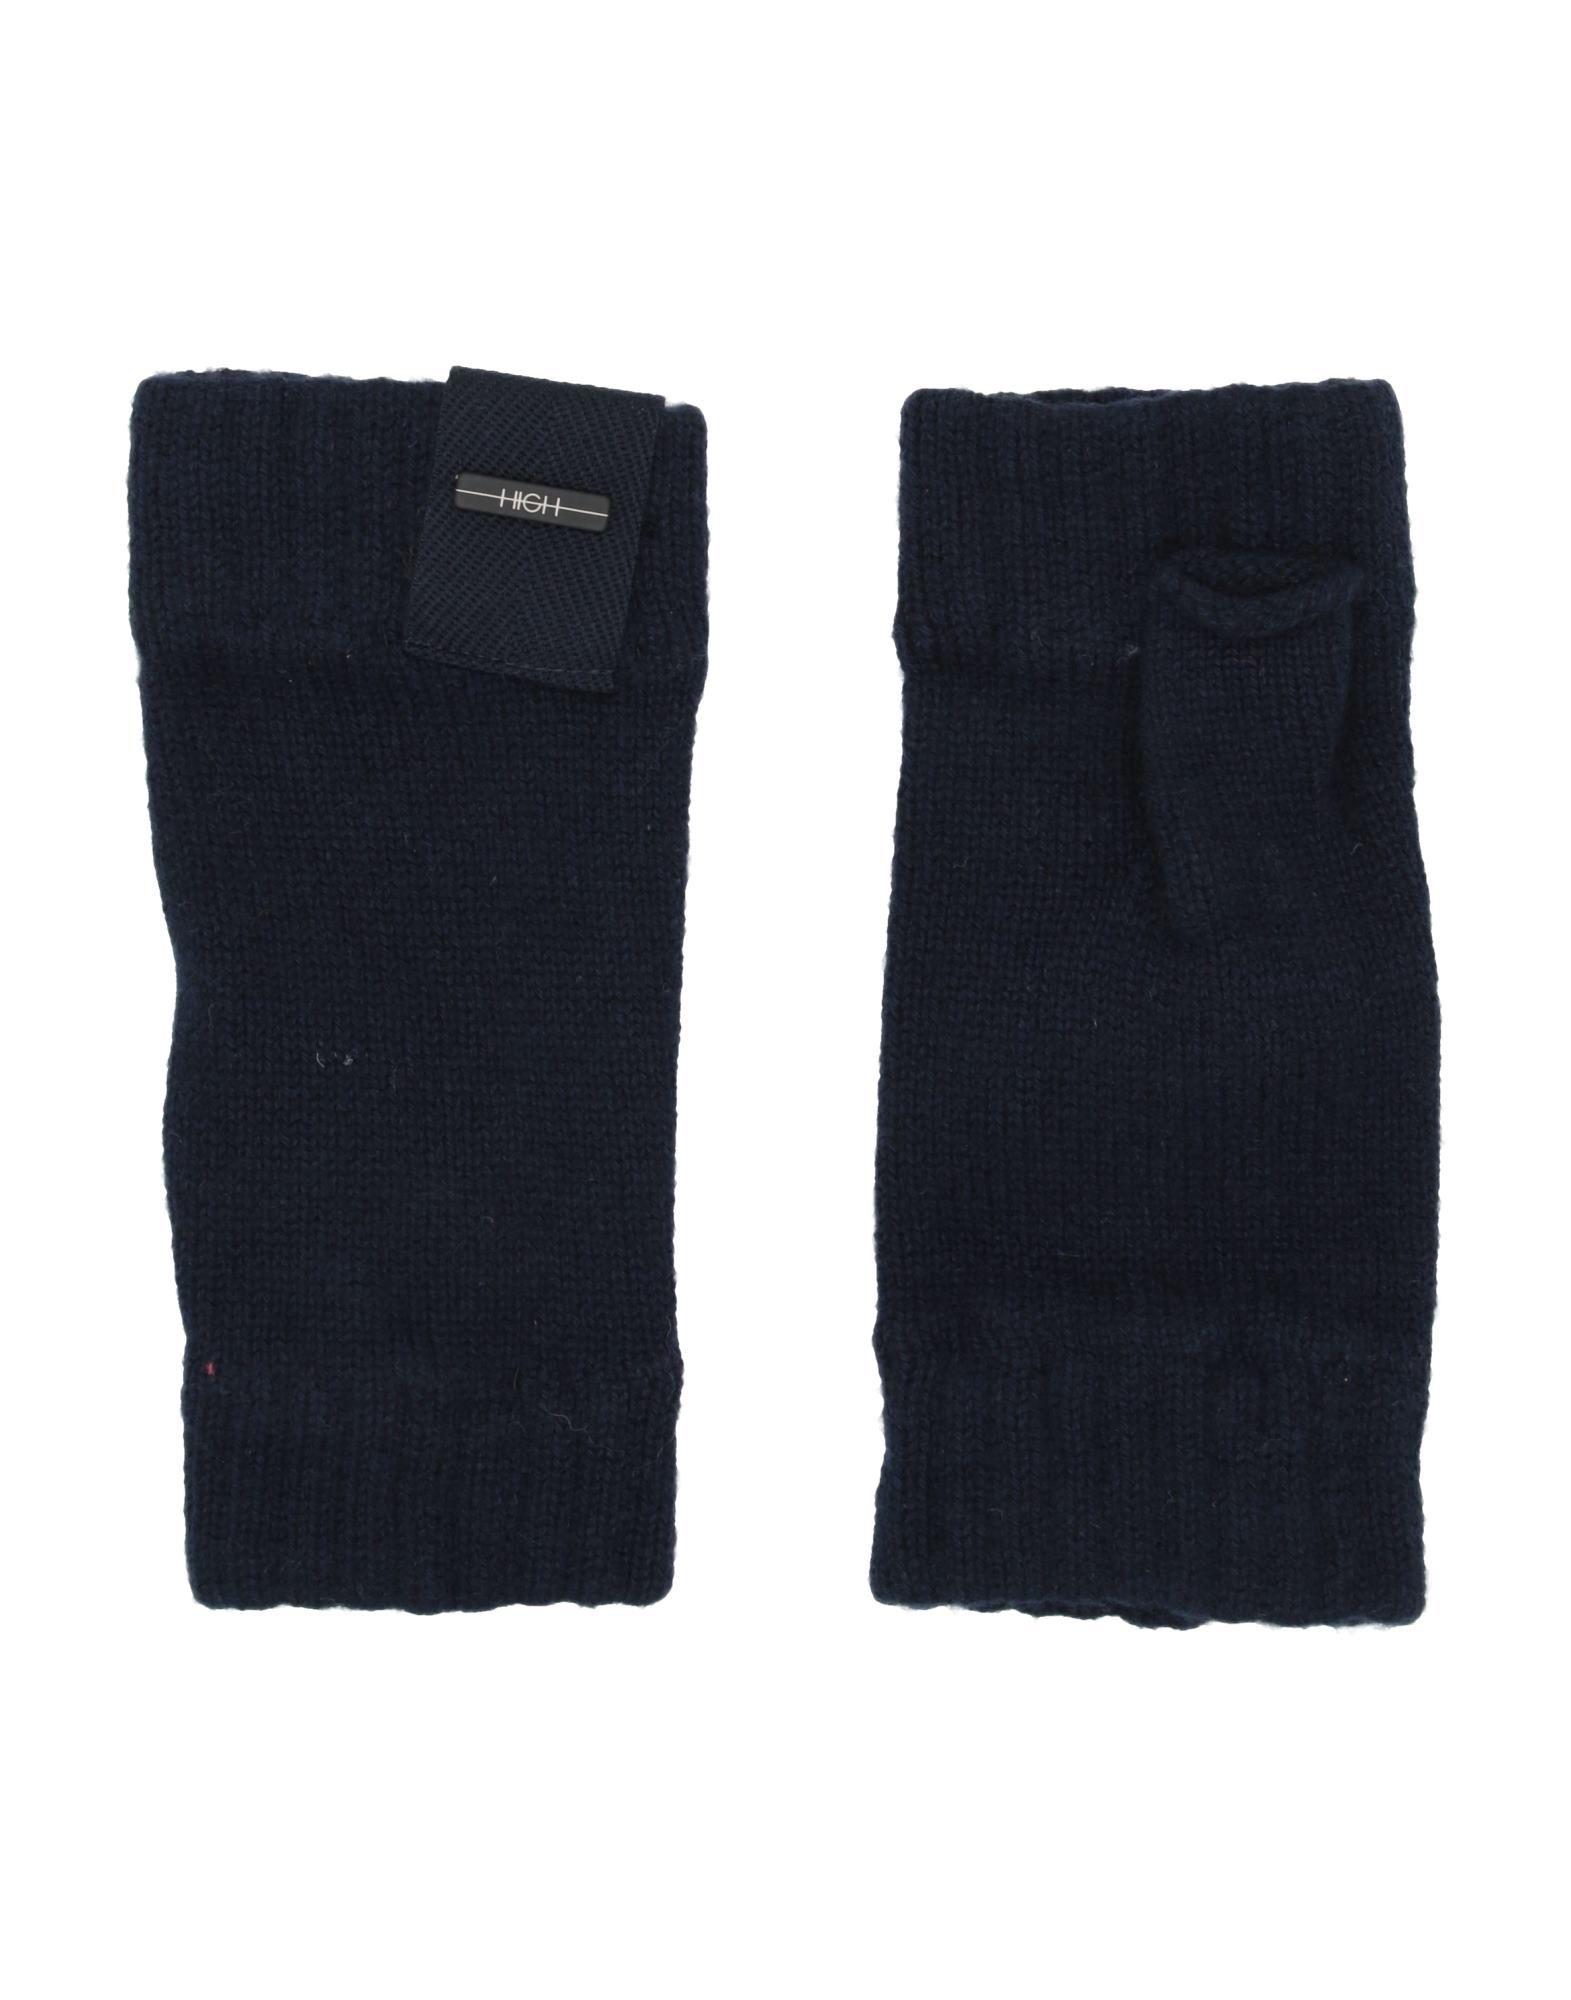 《送料無料》HIGH by CLAIRE CAMPBELL レディース 手袋 ダークブルー one size カシミヤ 100%